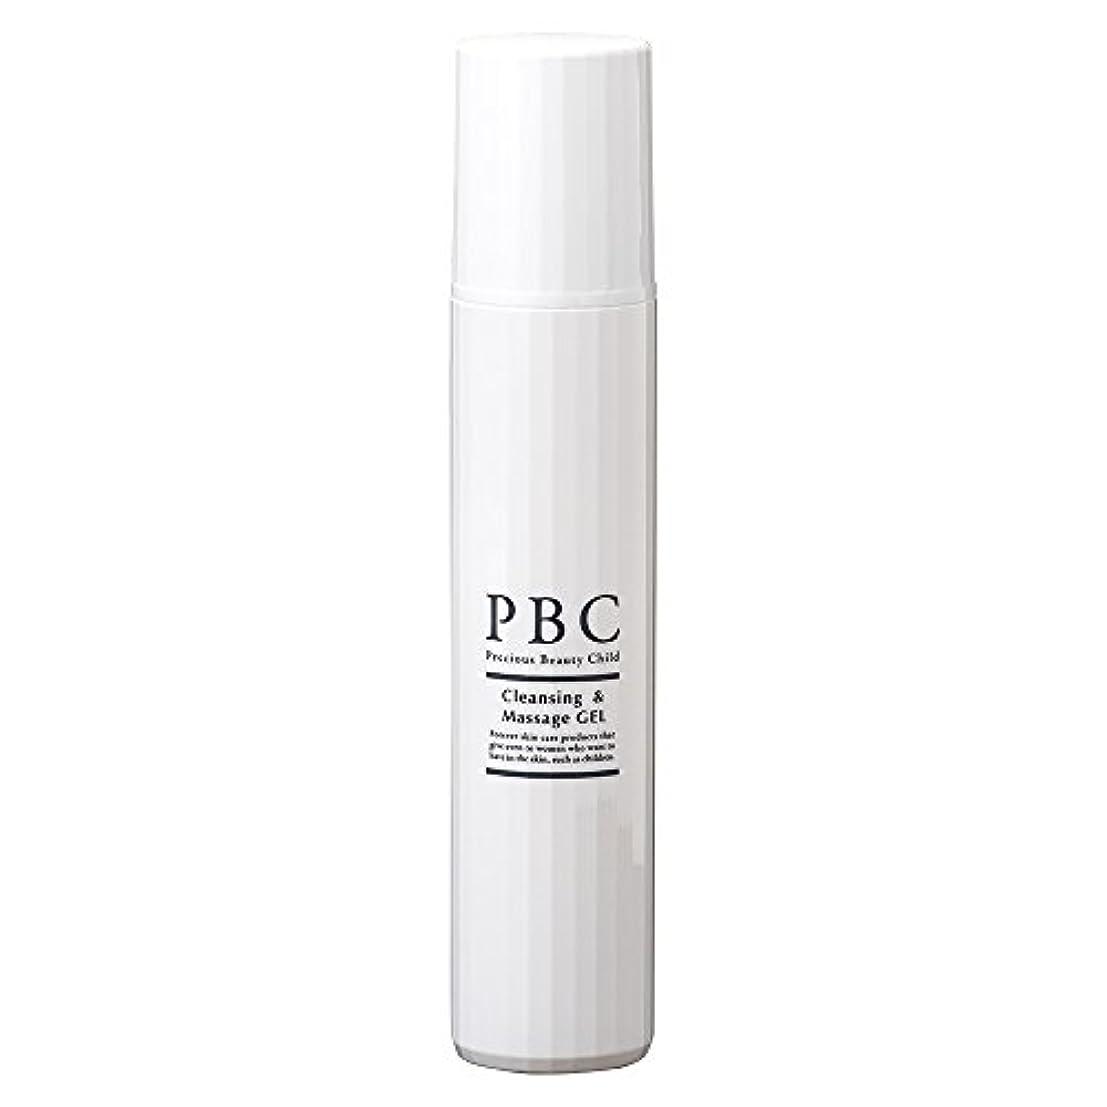 PBC クレンジング&マッサージジェル